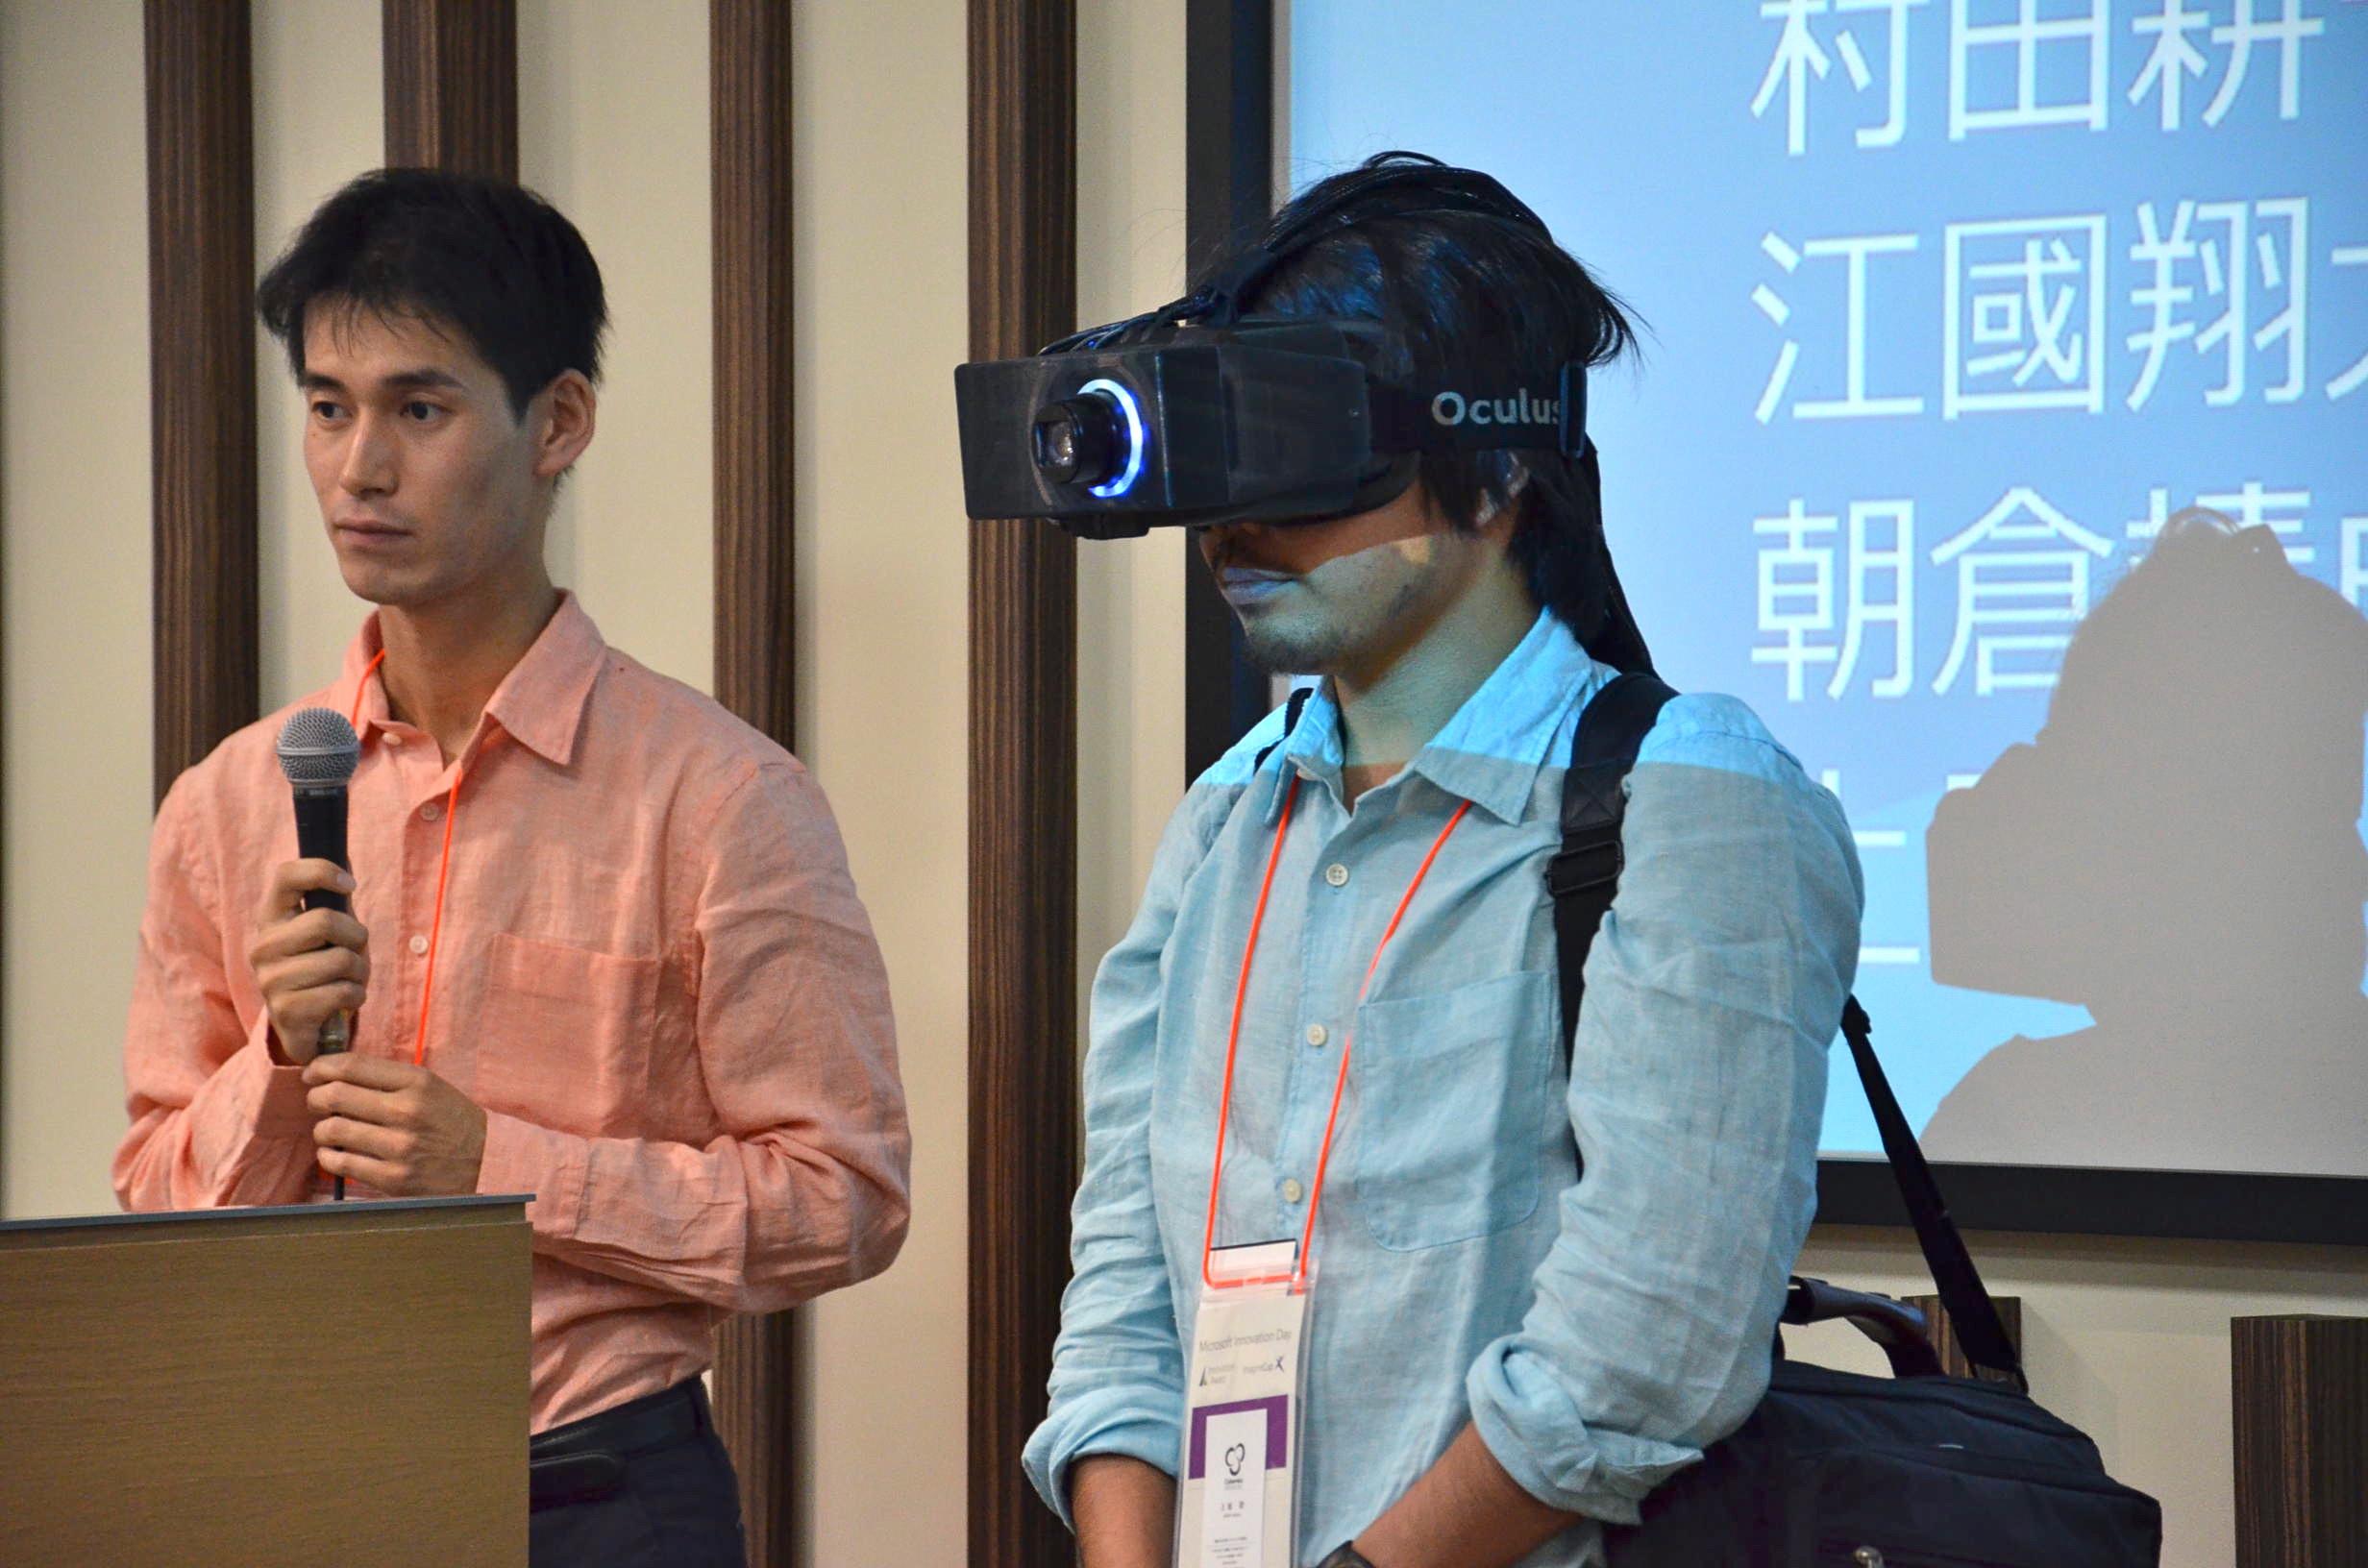 マイクロソフト主催・国際学生ITコンテスト「Imagine Cup」をレポート!